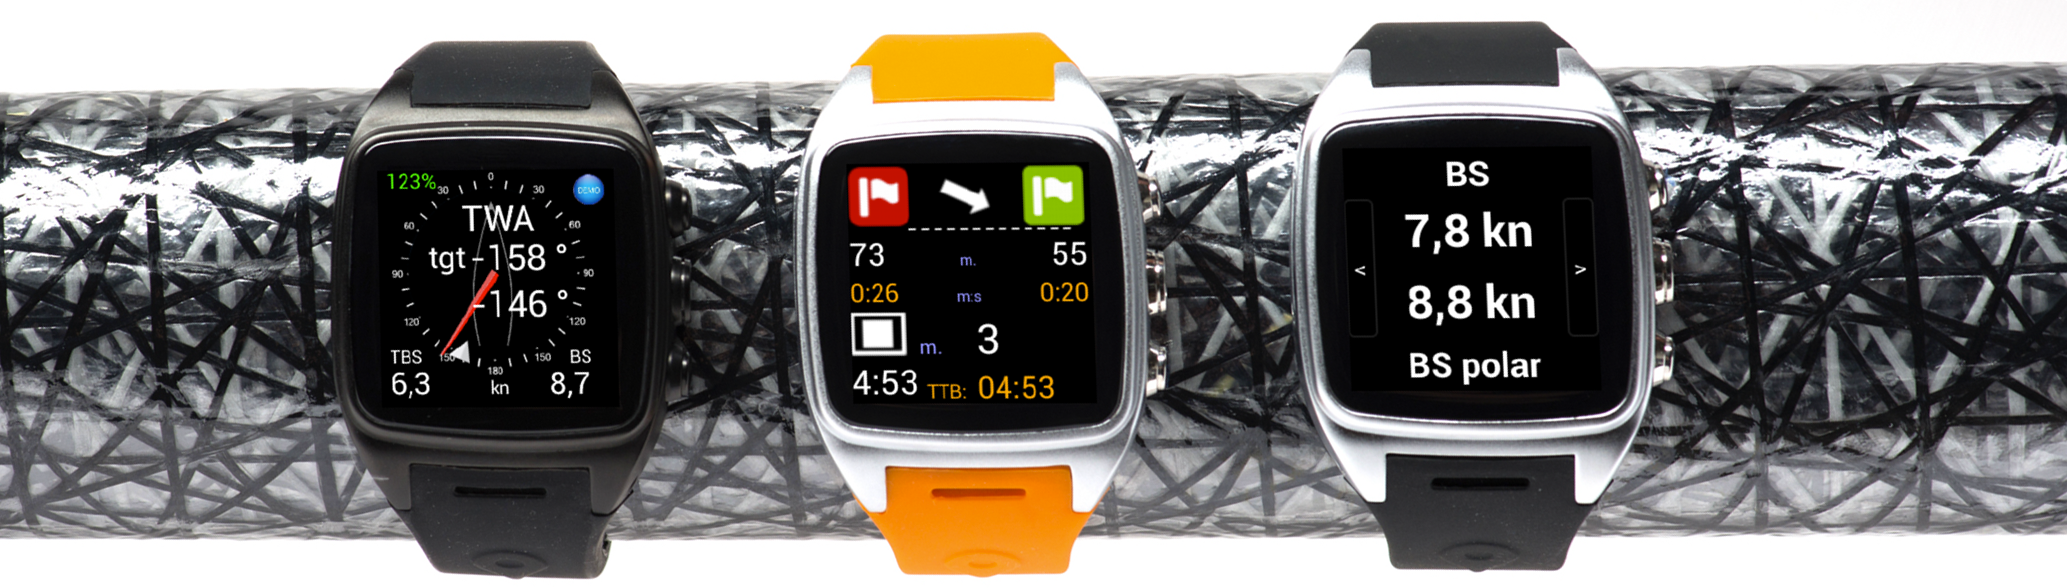 esa Watch img 3 colors